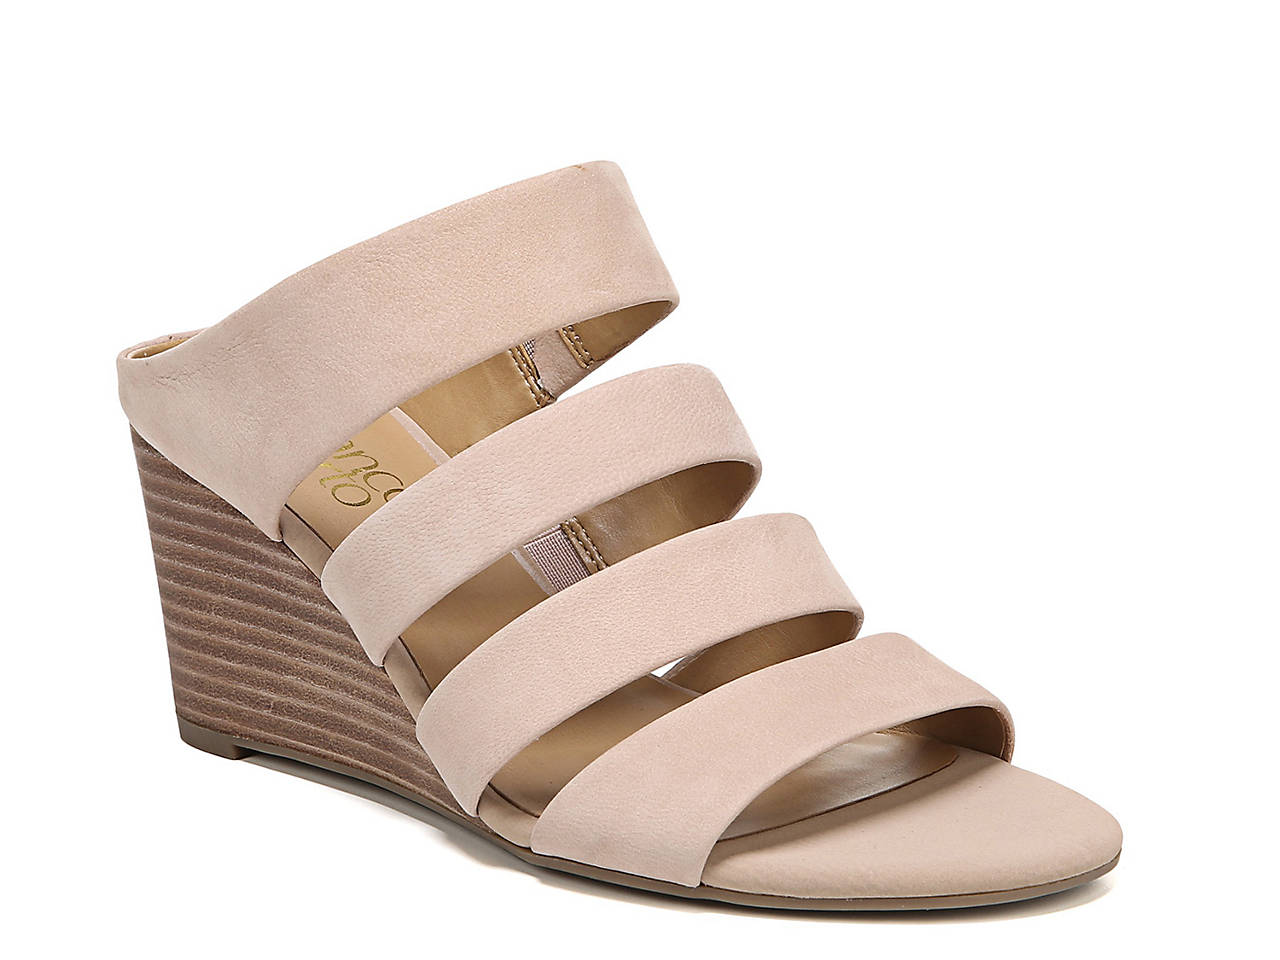 2a5012e149ba Franco Sarto Mistic Wedge Sandal Women s Shoes